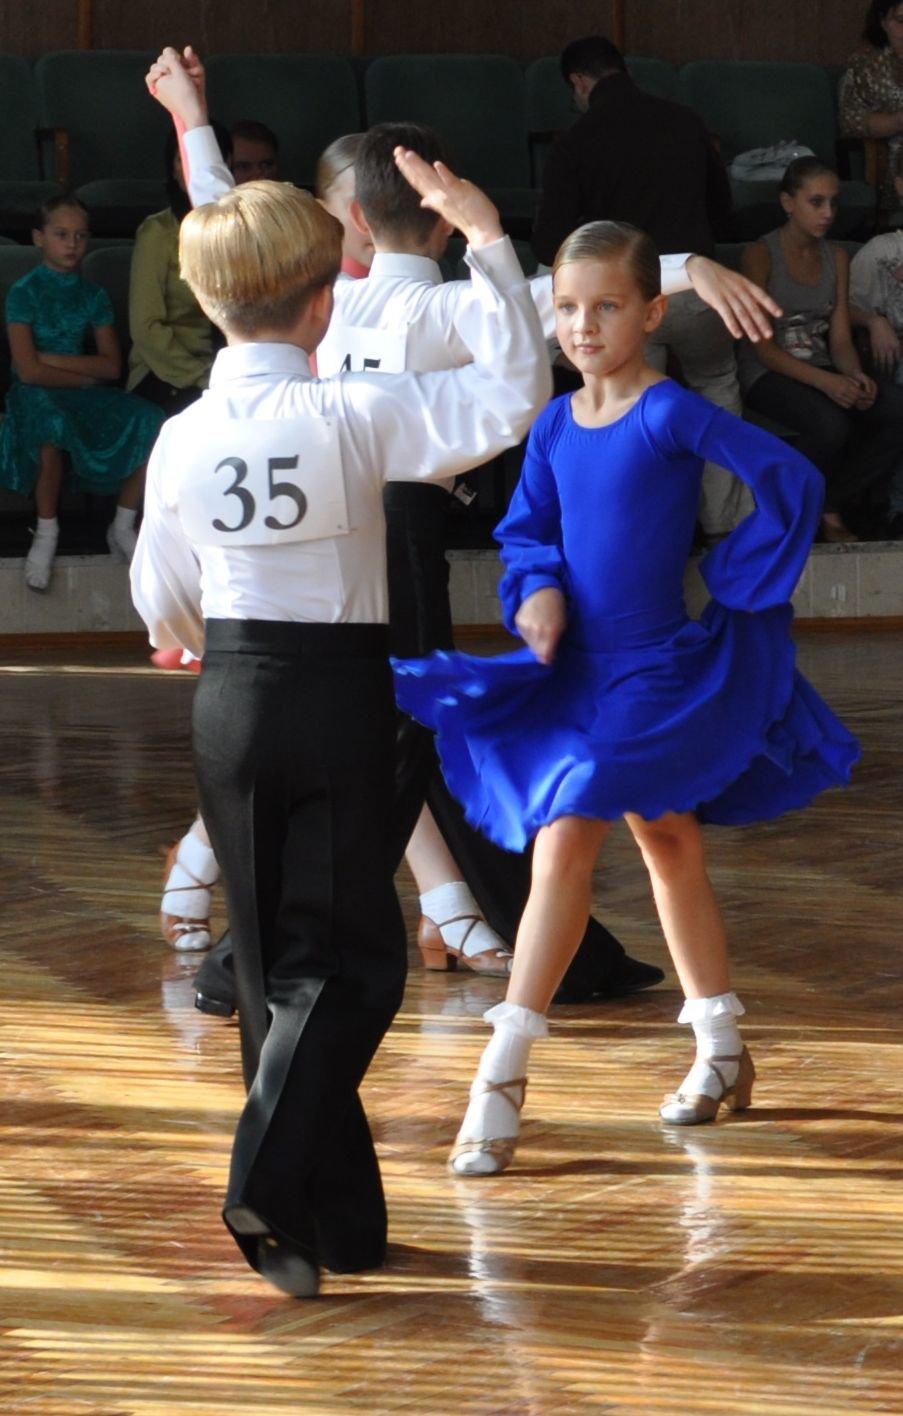 Прически мальчиков фото бальные танцы